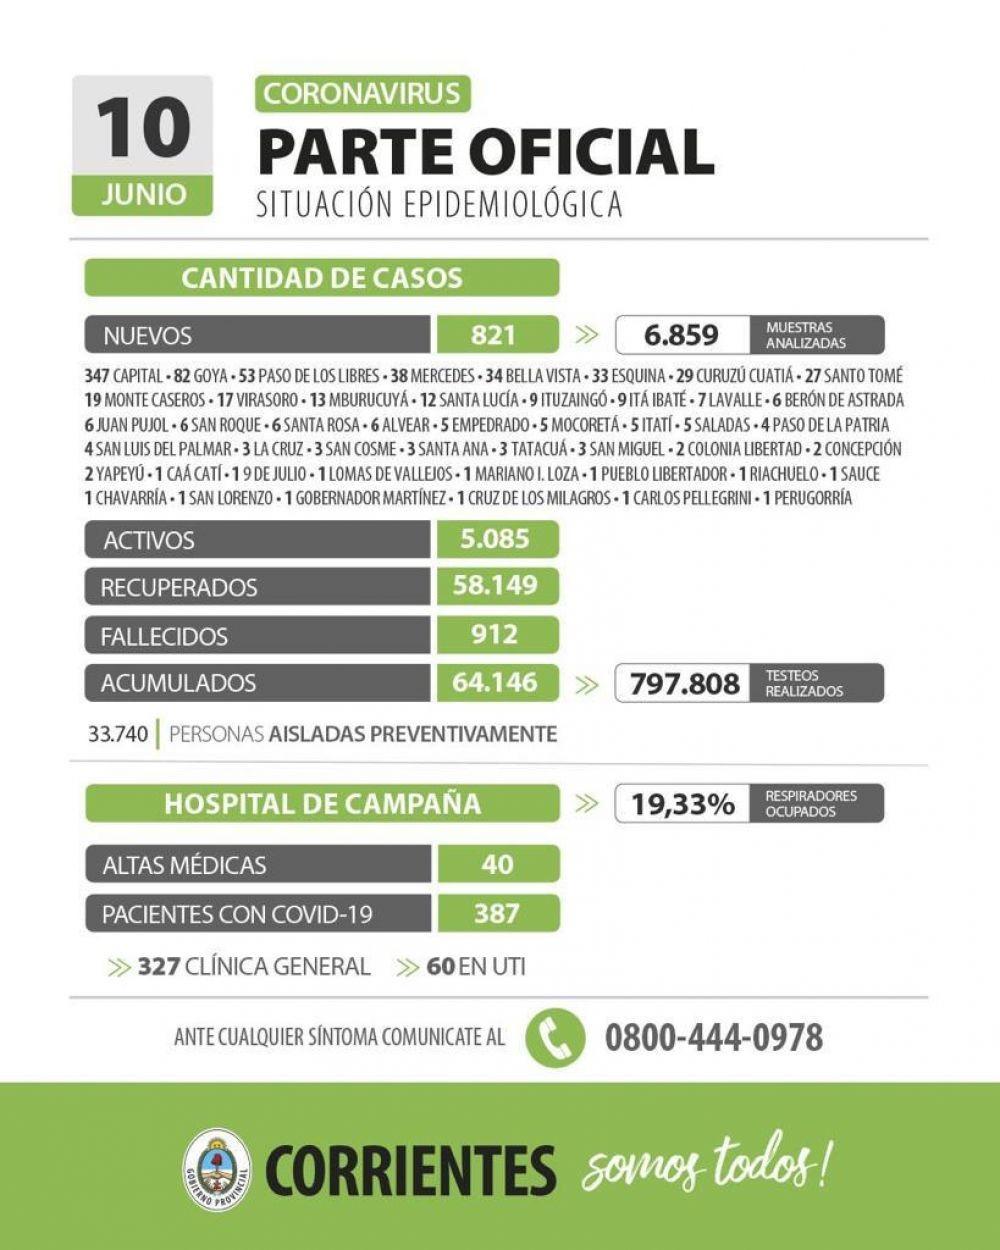 Informan de 821 nuevos casos de coronavirus en Corrientes